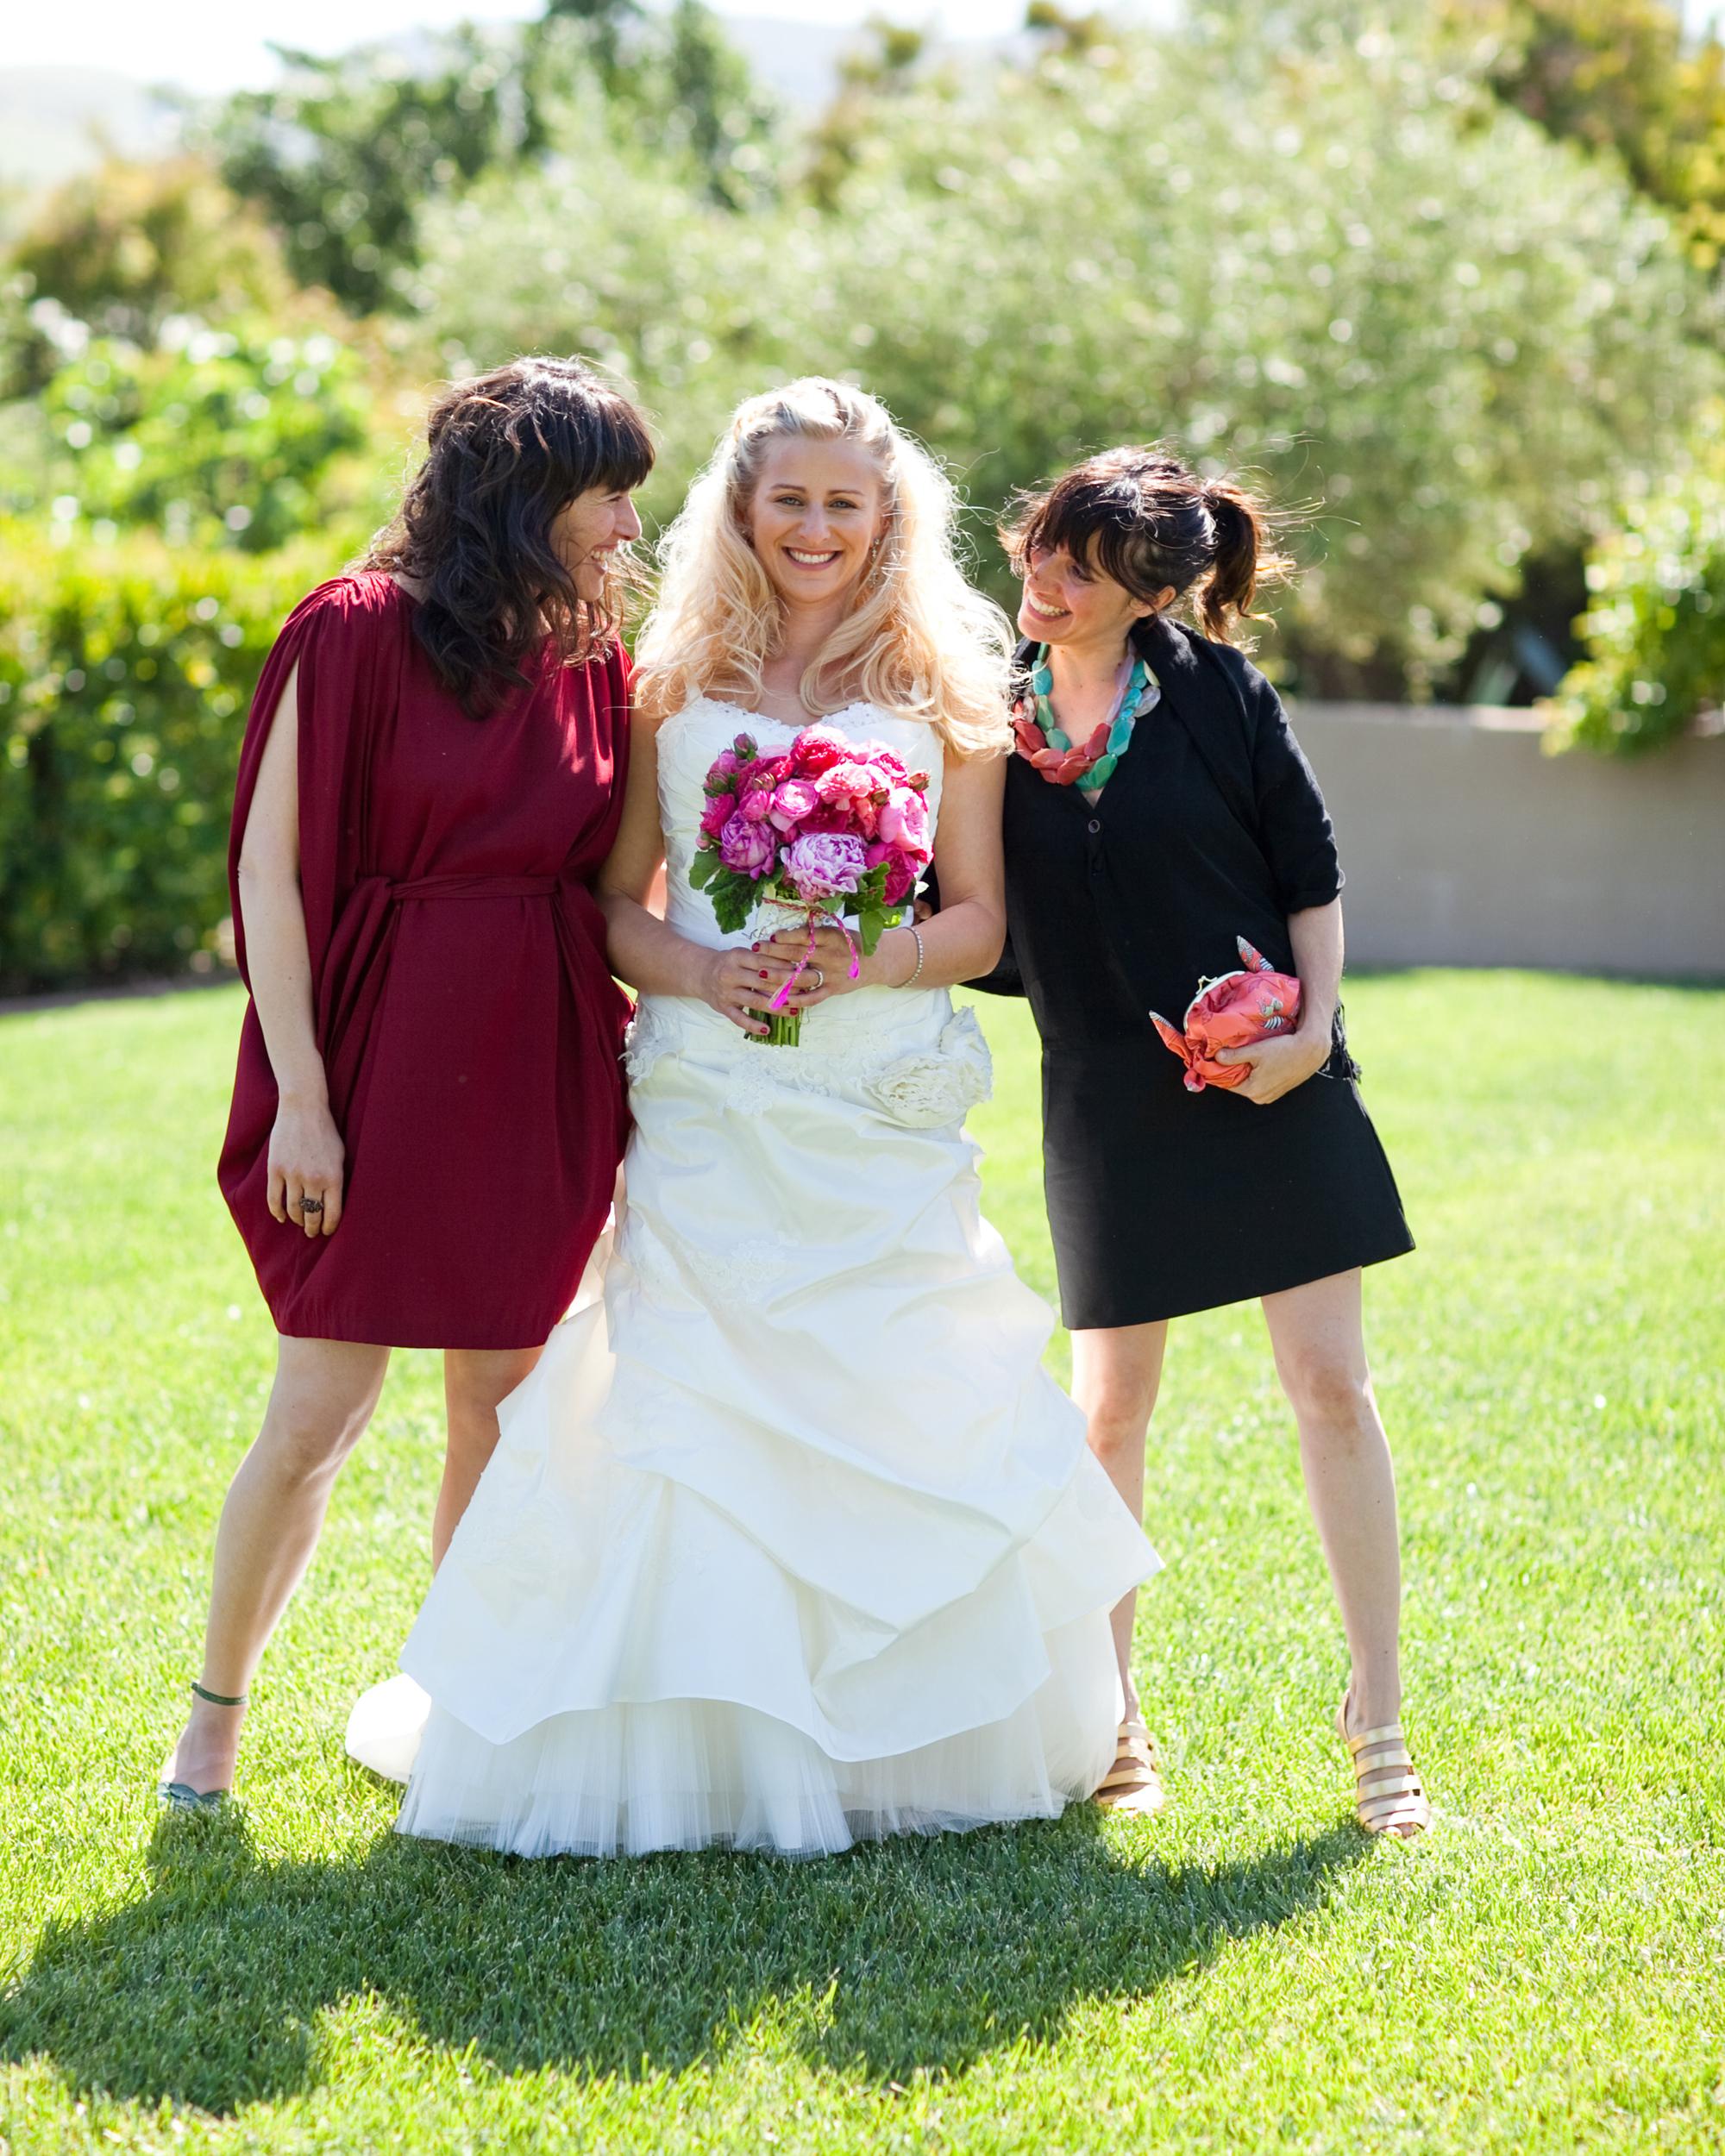 real-weddings-jen-ben-0811-121.jpg